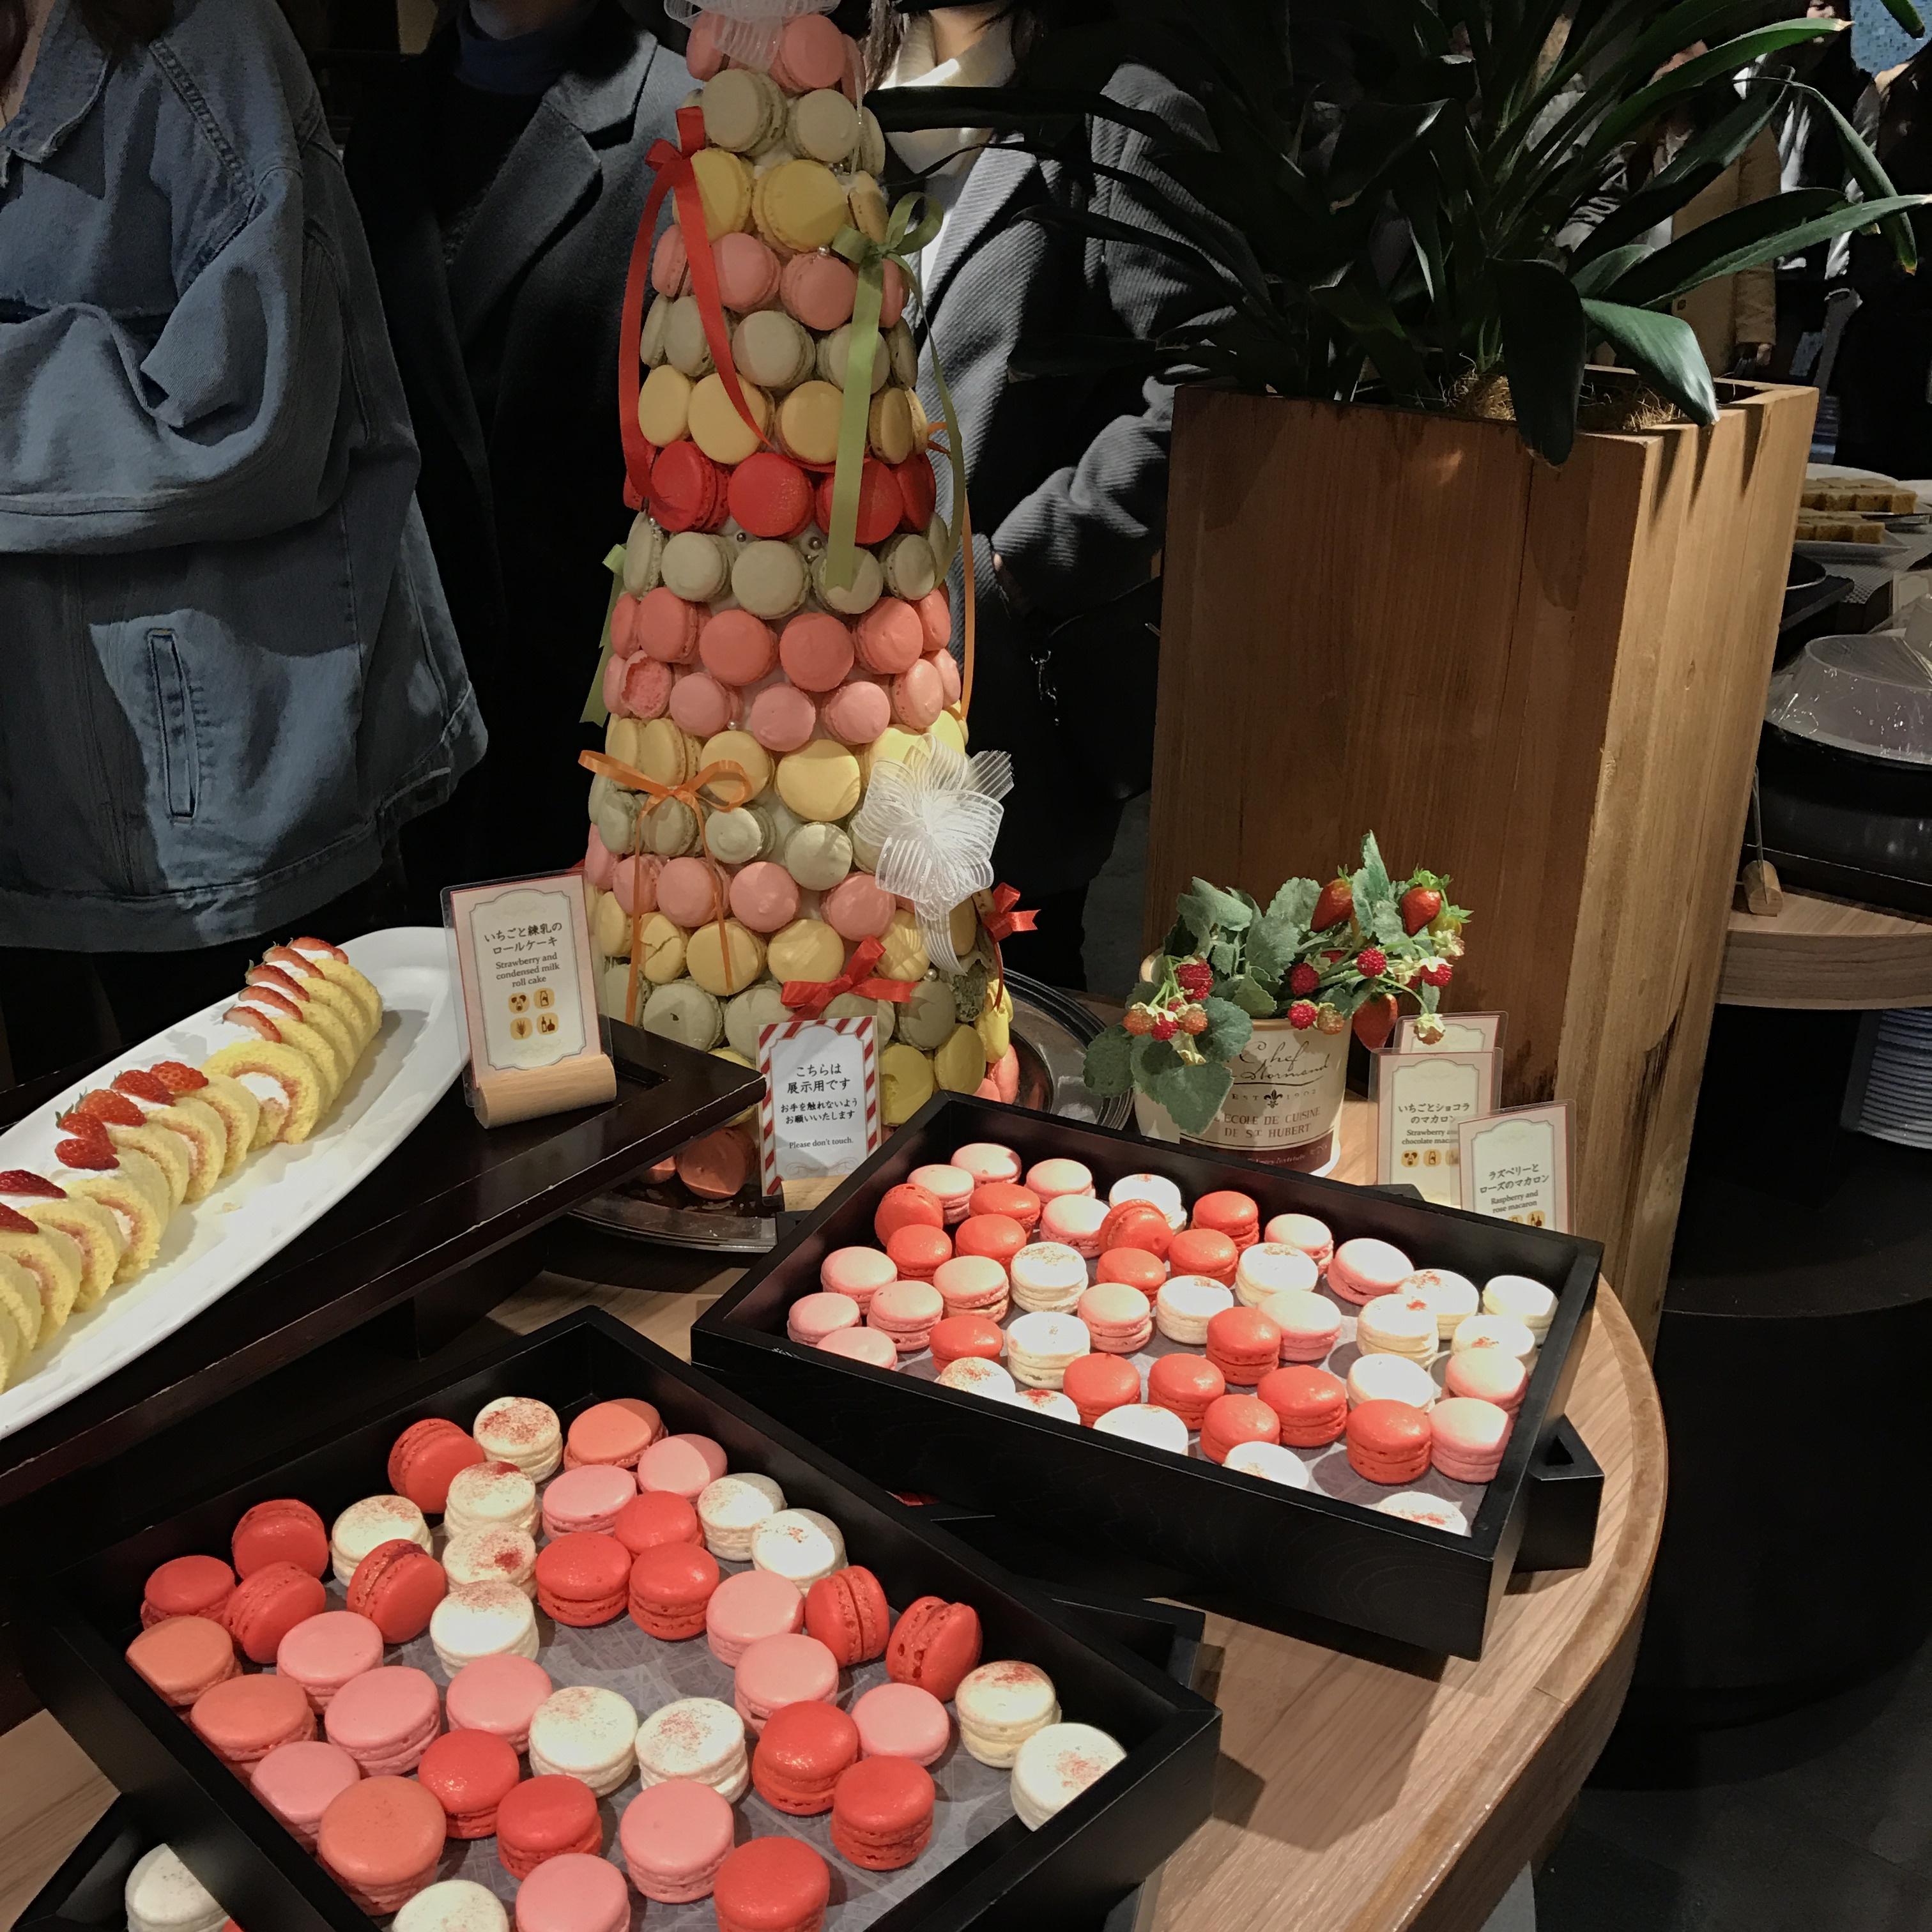 スイーツ好き必見!京都タワーホテル Berry sweets buffet ♡_1_4